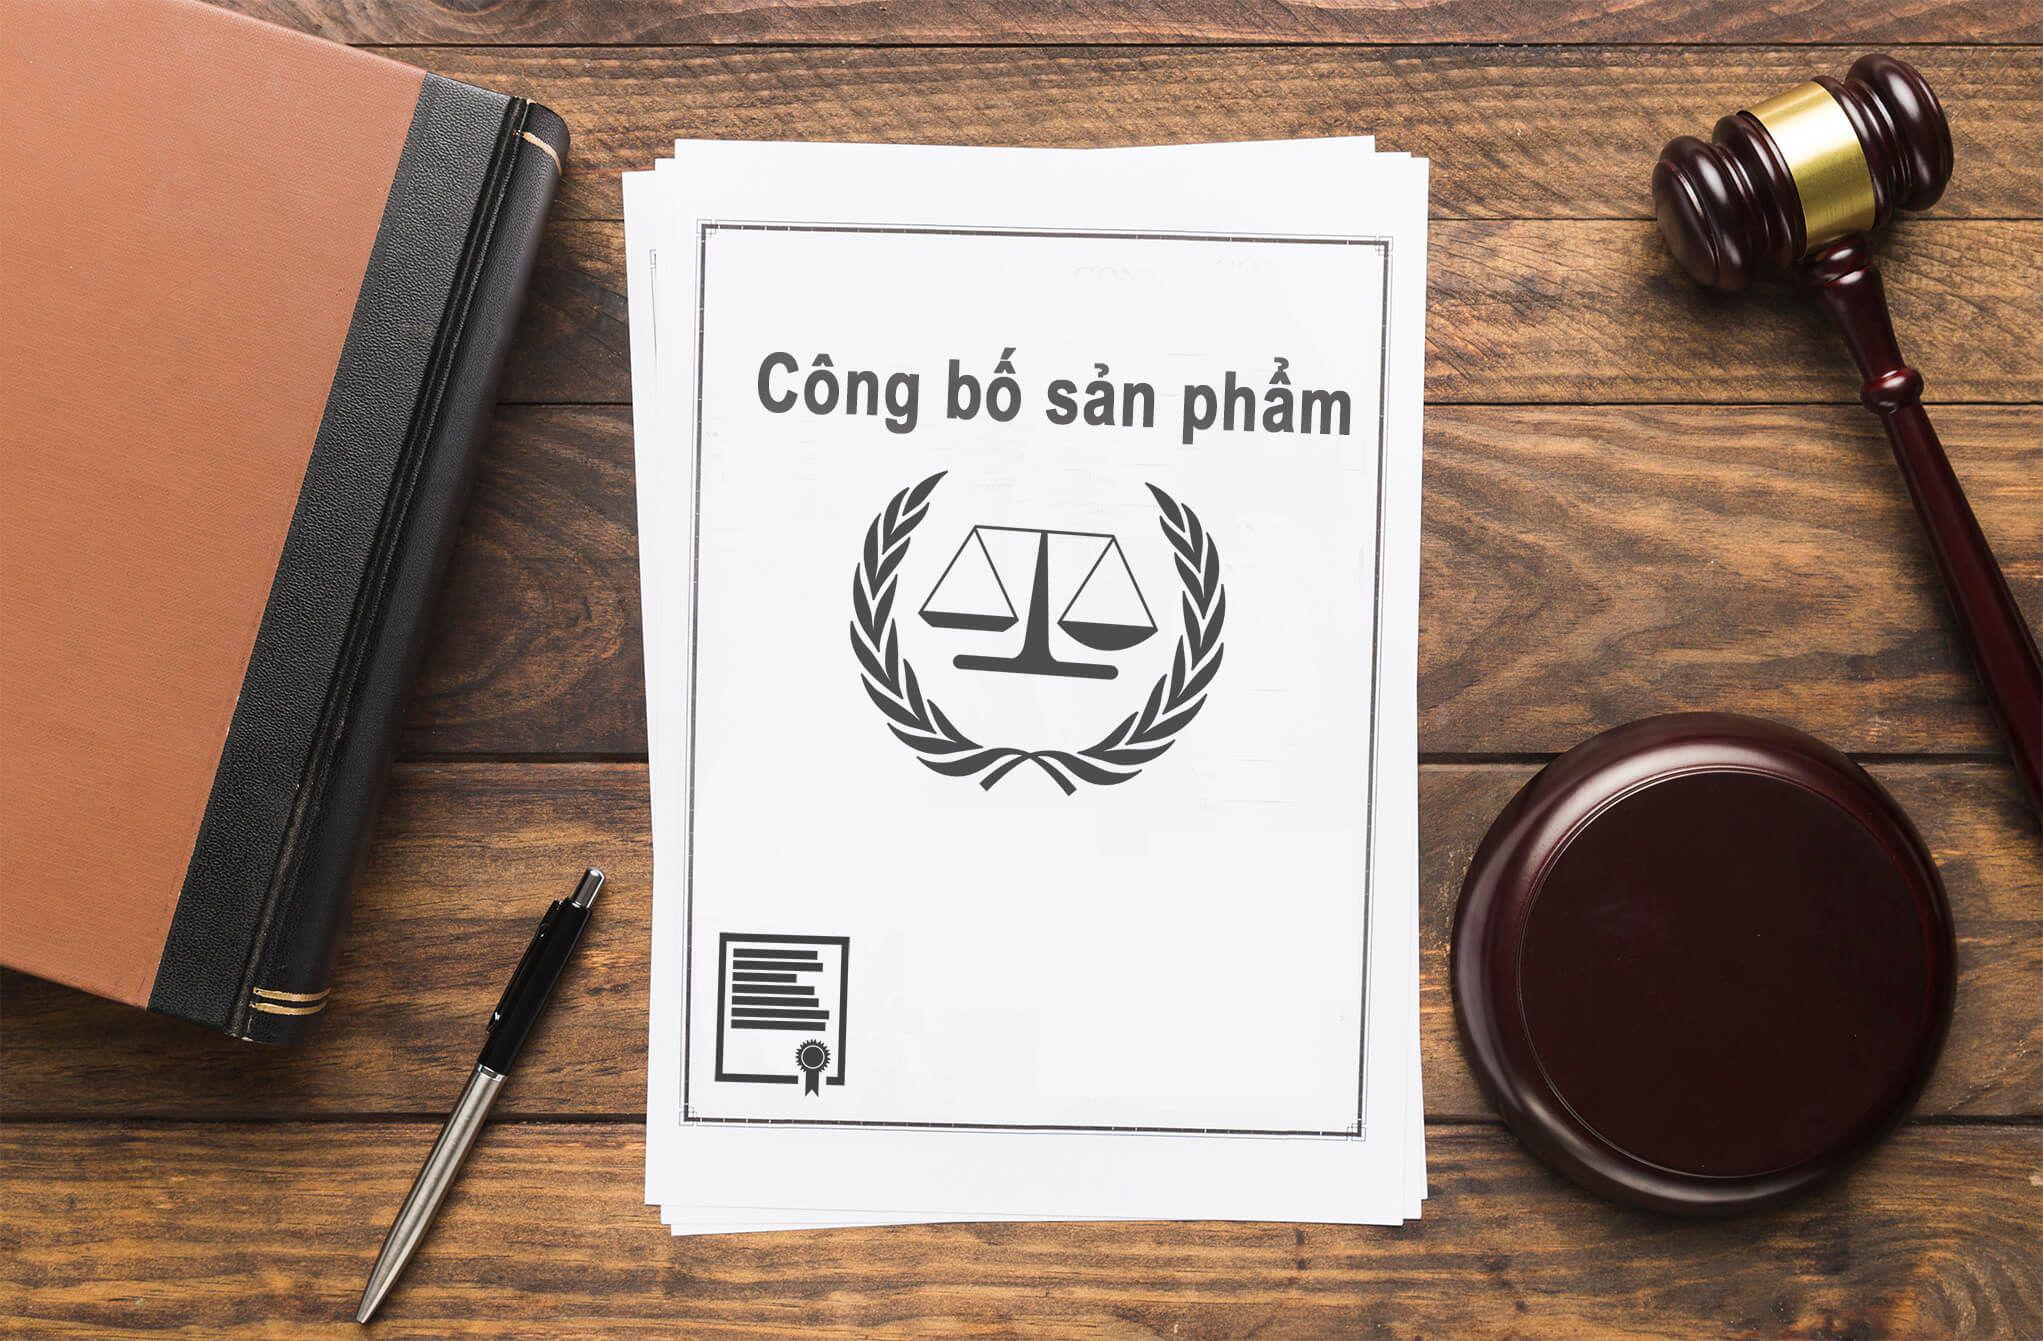 huong-dan-thu-tuc-cong-bo-san-pham